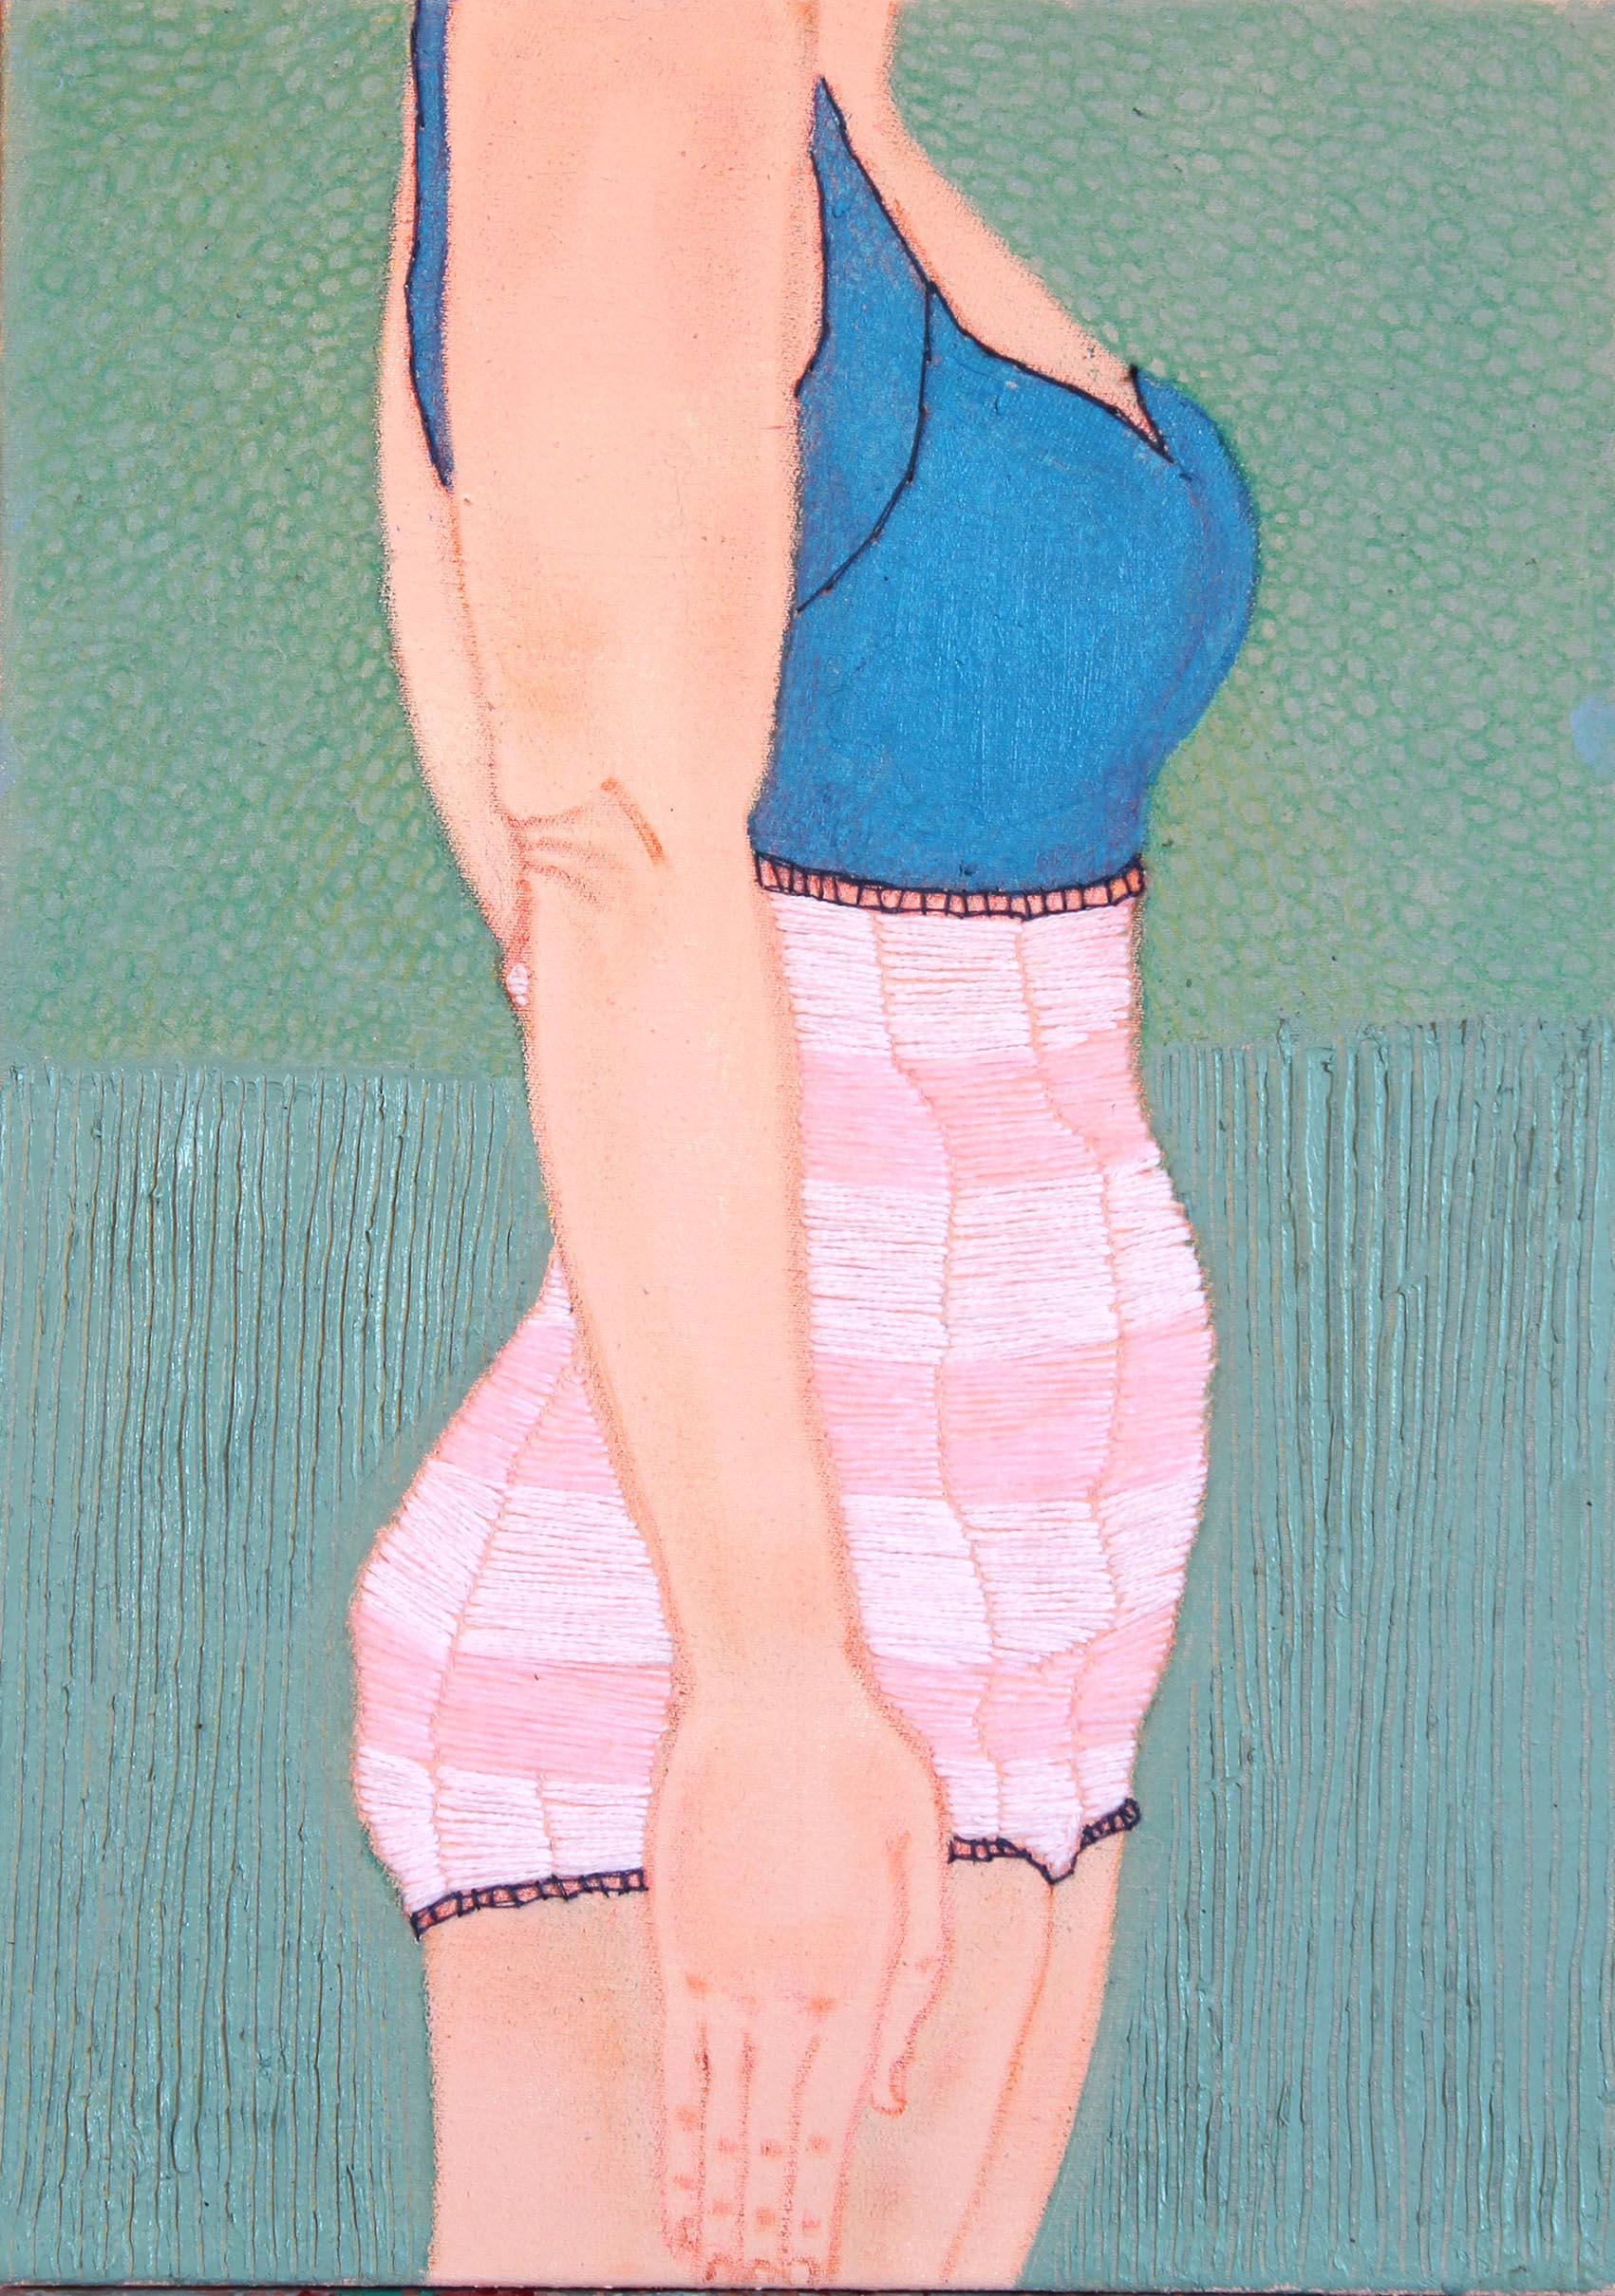 Soldatina,  acrilico, olio e filo colorato su tela, 30x45cm, 2014